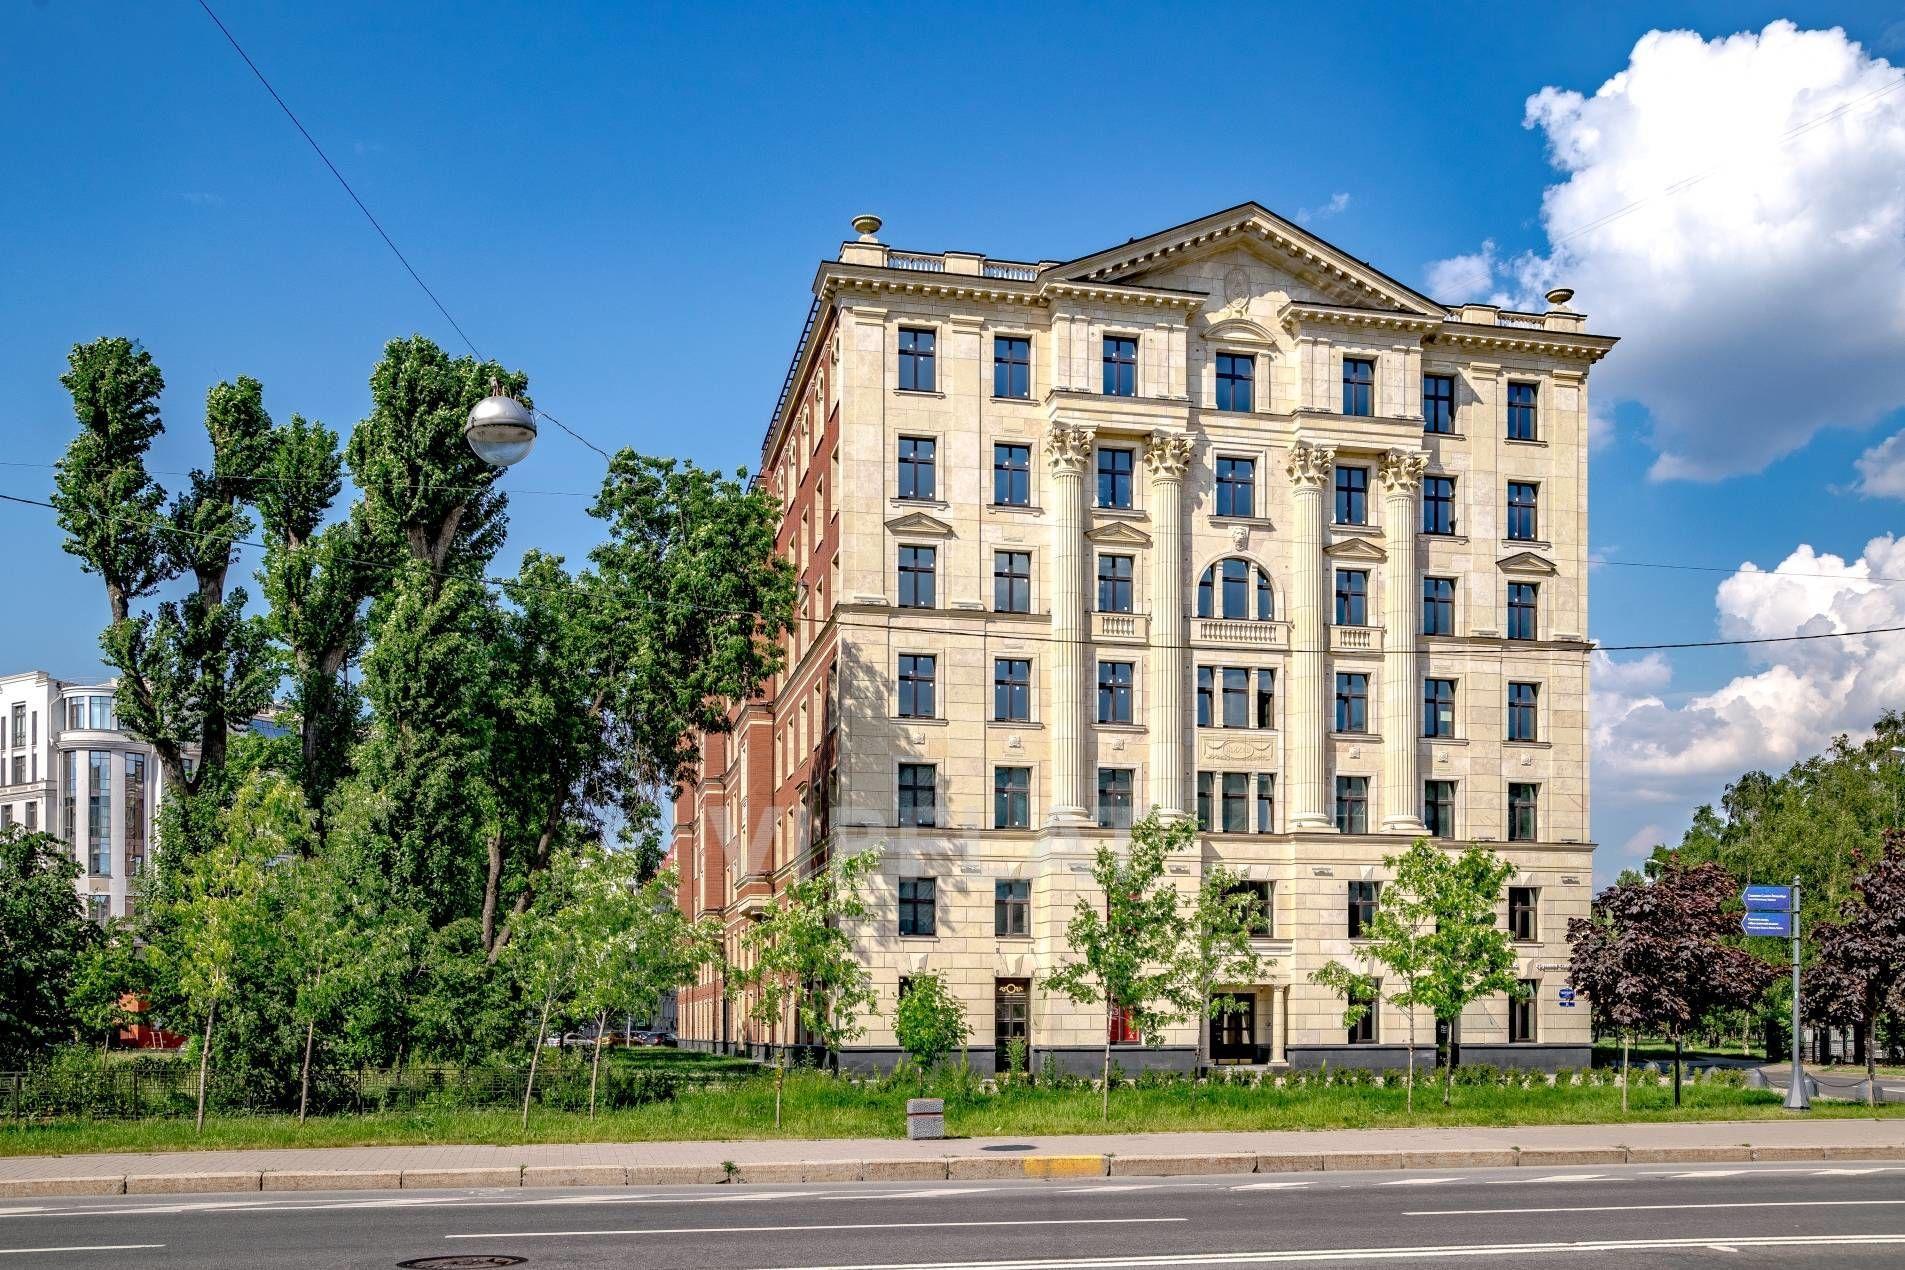 Продажа элитных квартир Санкт-Петербурга. Морской пр., 29 Вид на дом